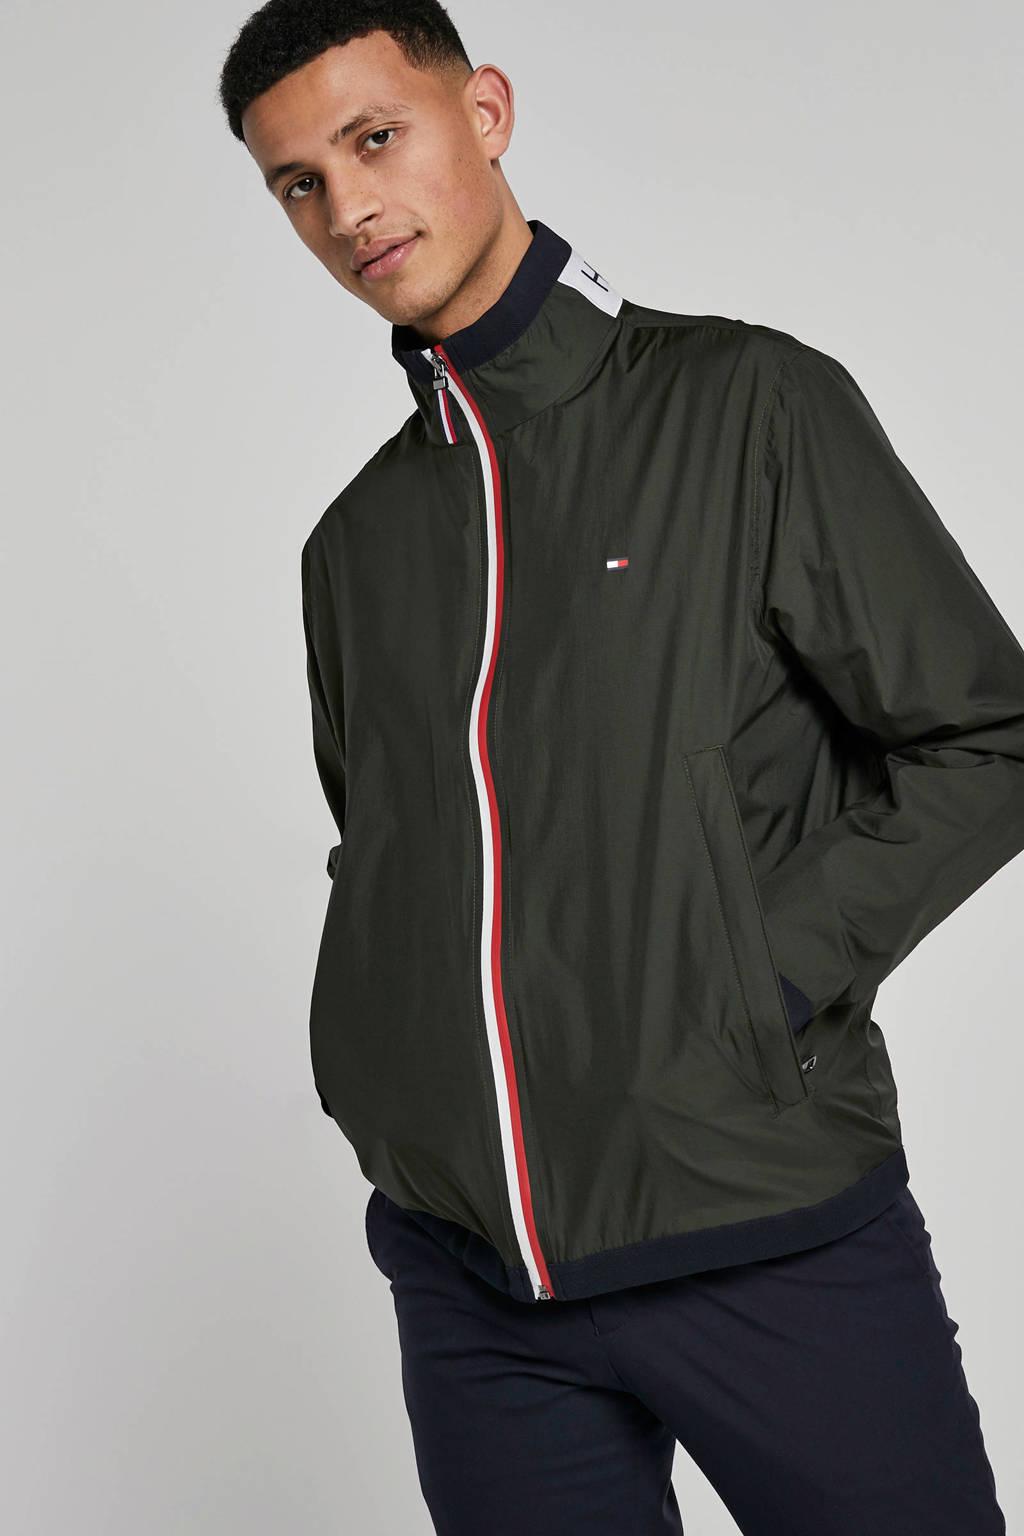 Tommy Hilfiger jas met borduursels, Groen/Rood/Wit